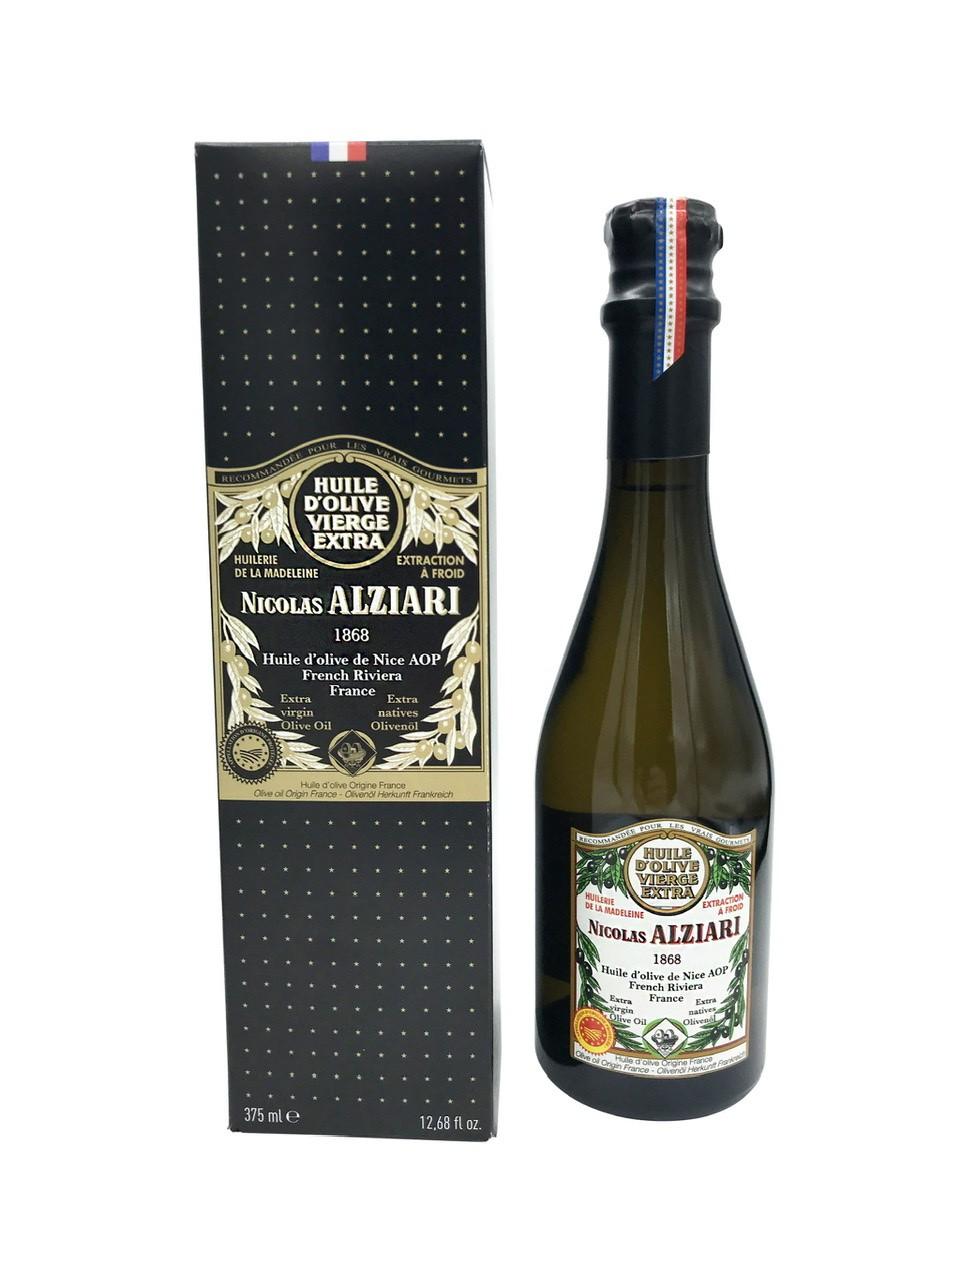 Huile d'olive de Nice AOP Nicolas Alziari Flacon CLUB 375 ml